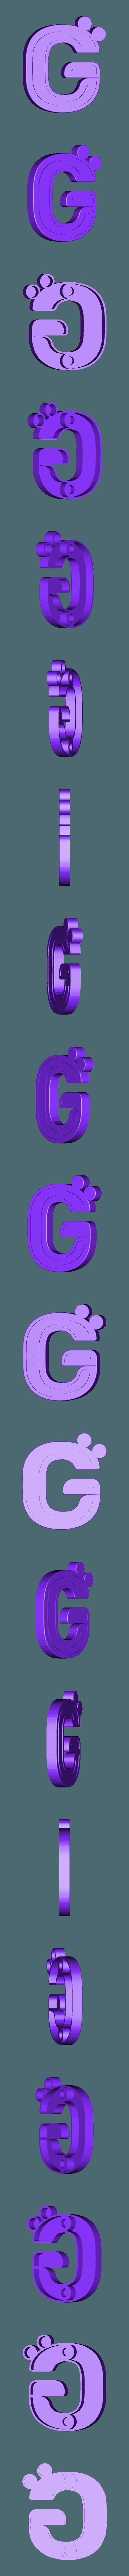 G.stl Télécharger fichier STL gratuit Alphabet pour enfants. F G H H I J J • Objet imprimable en 3D, Ruvimkub